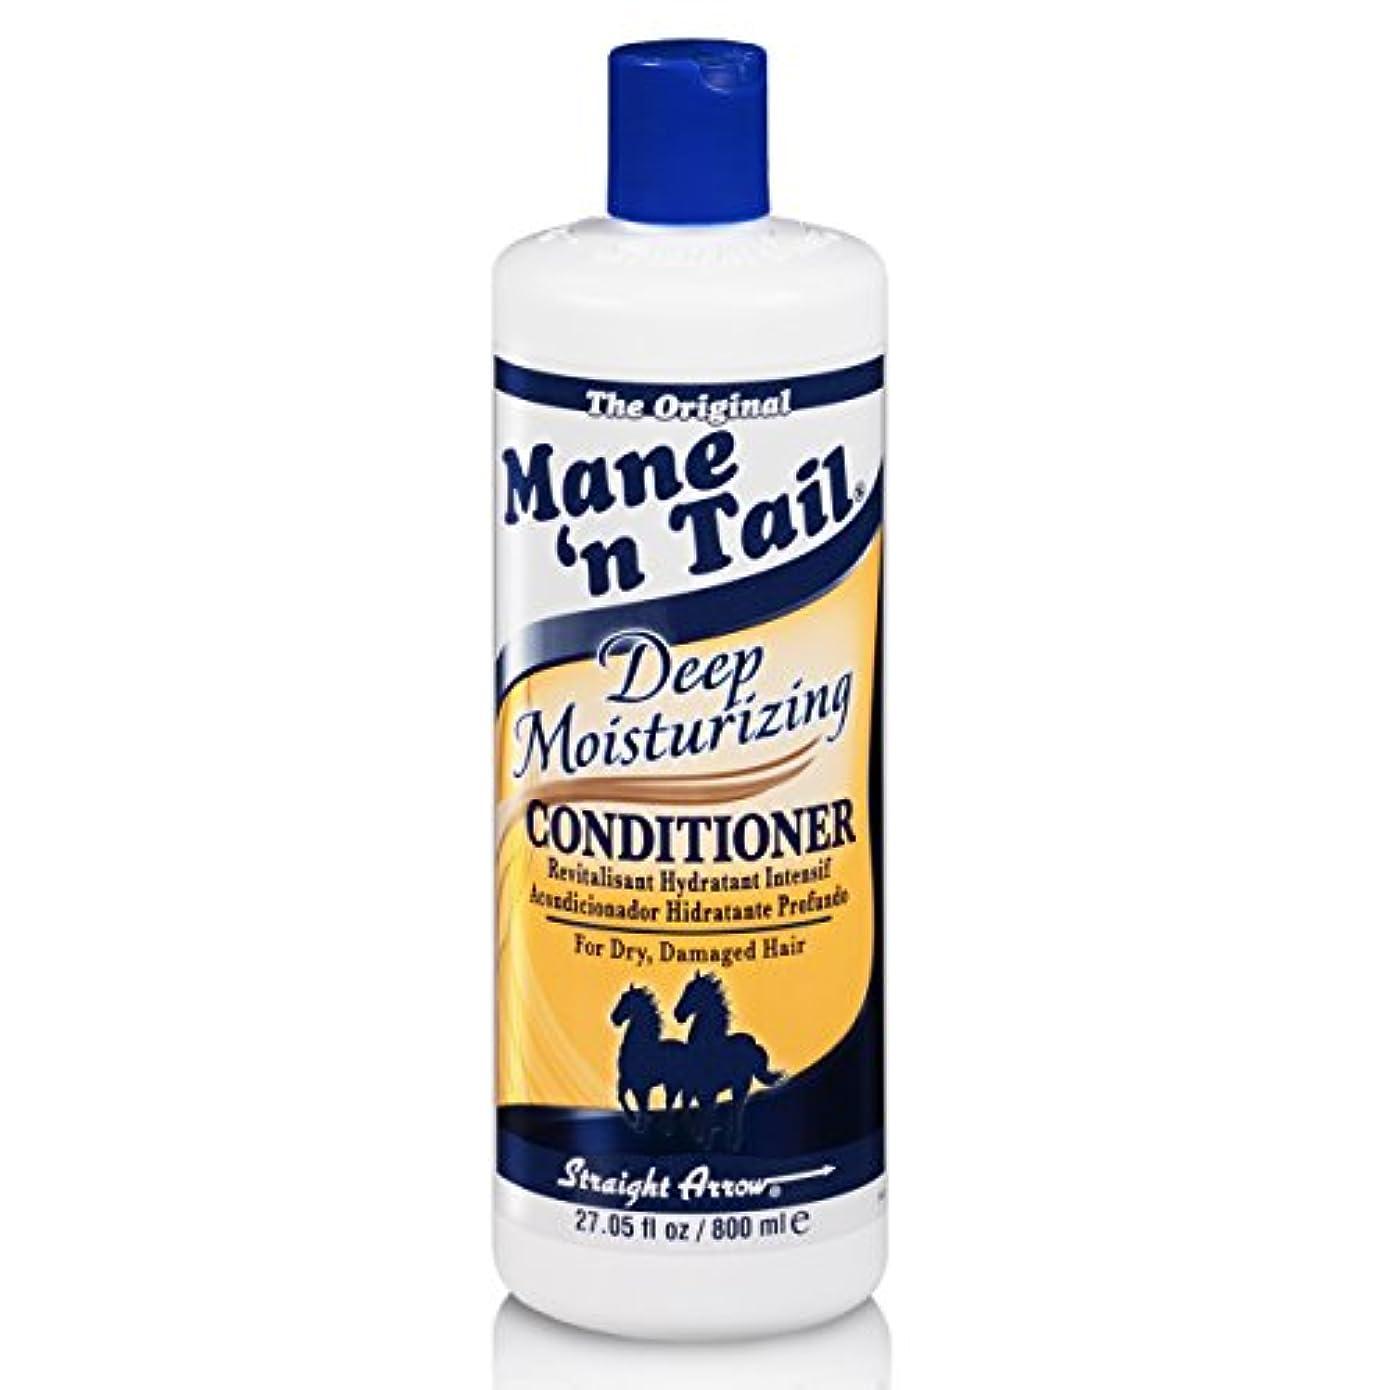 憂鬱な長々と食い違いMane 'n Tail 乾燥してダメージヘア27.05オンスを復元するために、ディープモイスチャライジングコンディショナー